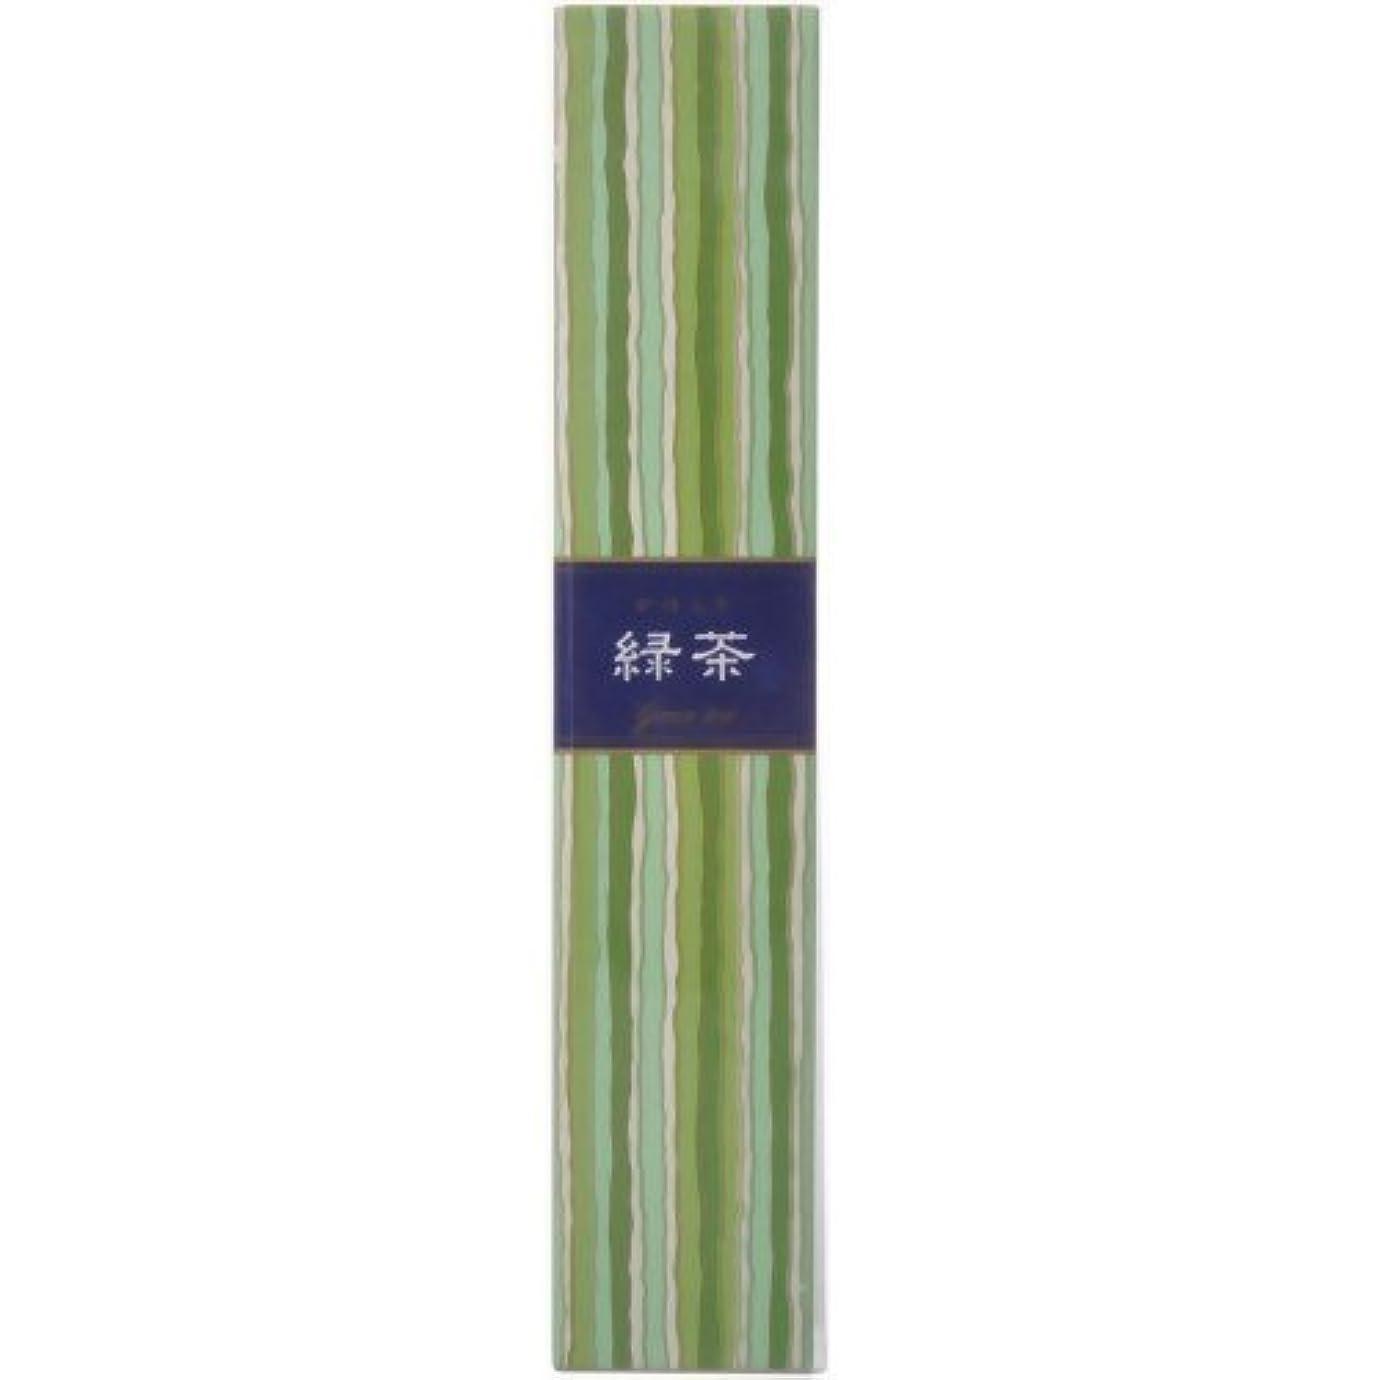 れるめまいが流暢かゆらぎ スティック 緑茶40本 × 5個セット